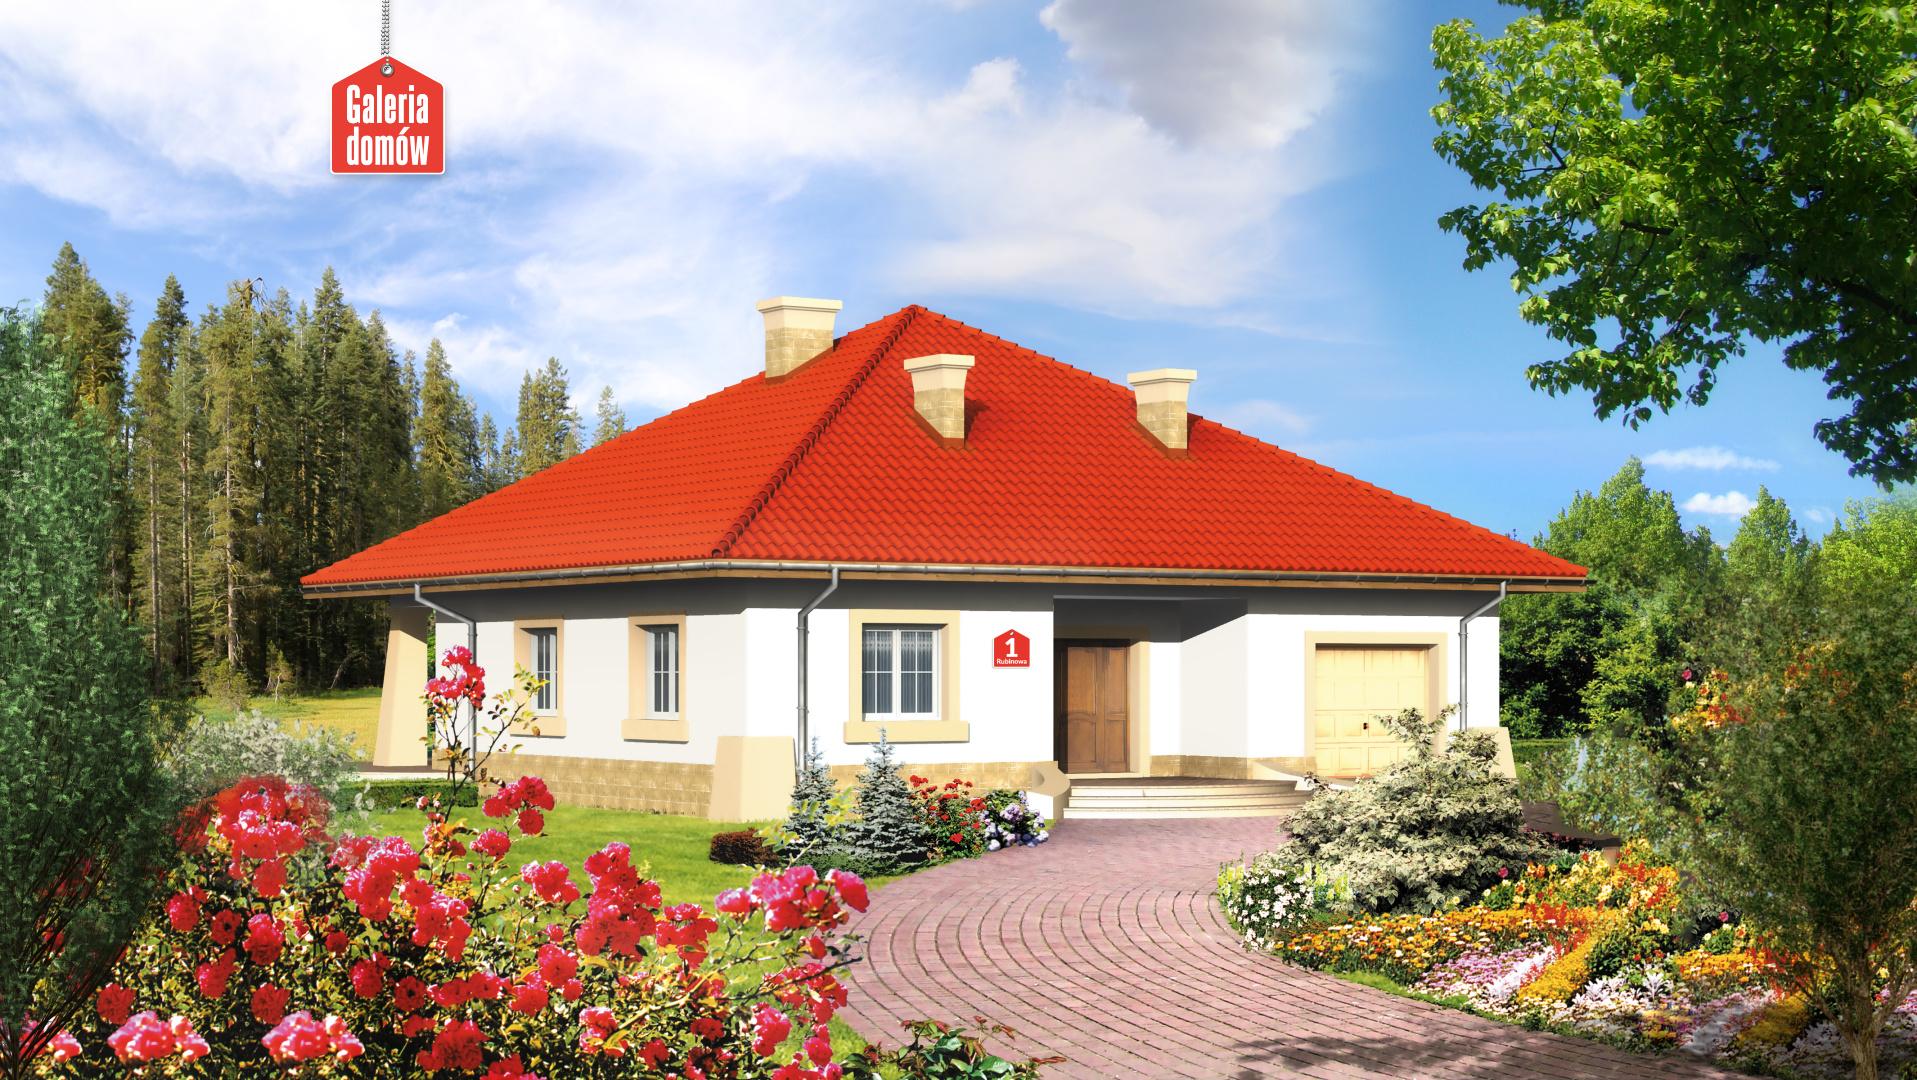 Dom przy Rubinowej - zdjęcie projektu i wizualizacja